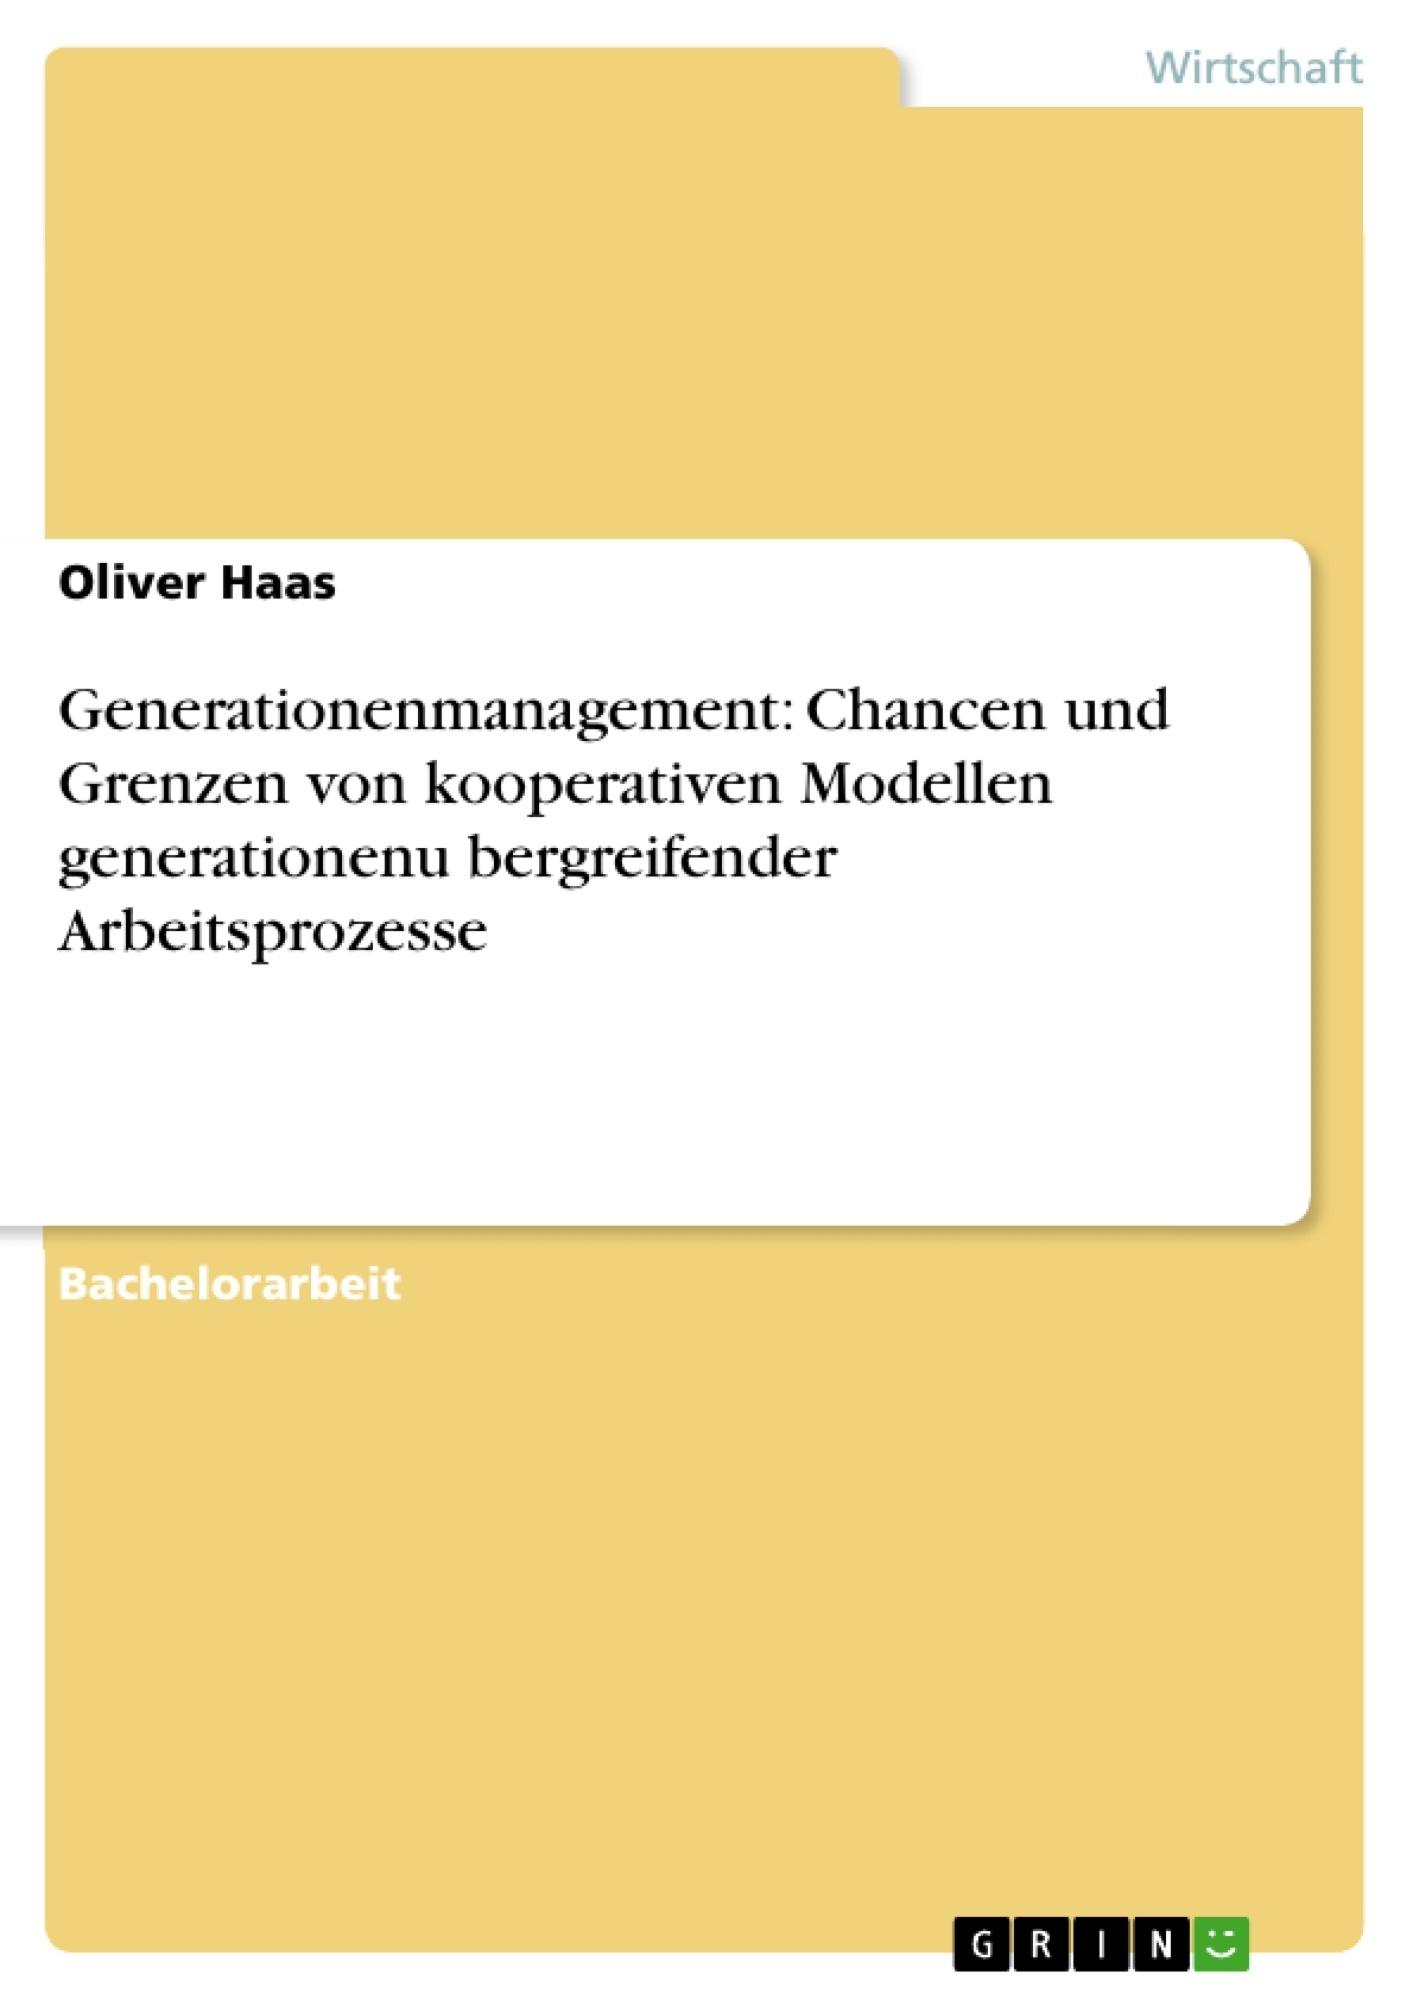 Titel: Generationenmanagement: Chancen und Grenzen von kooperativen Modellen generationenübergreifender Arbeitsprozesse